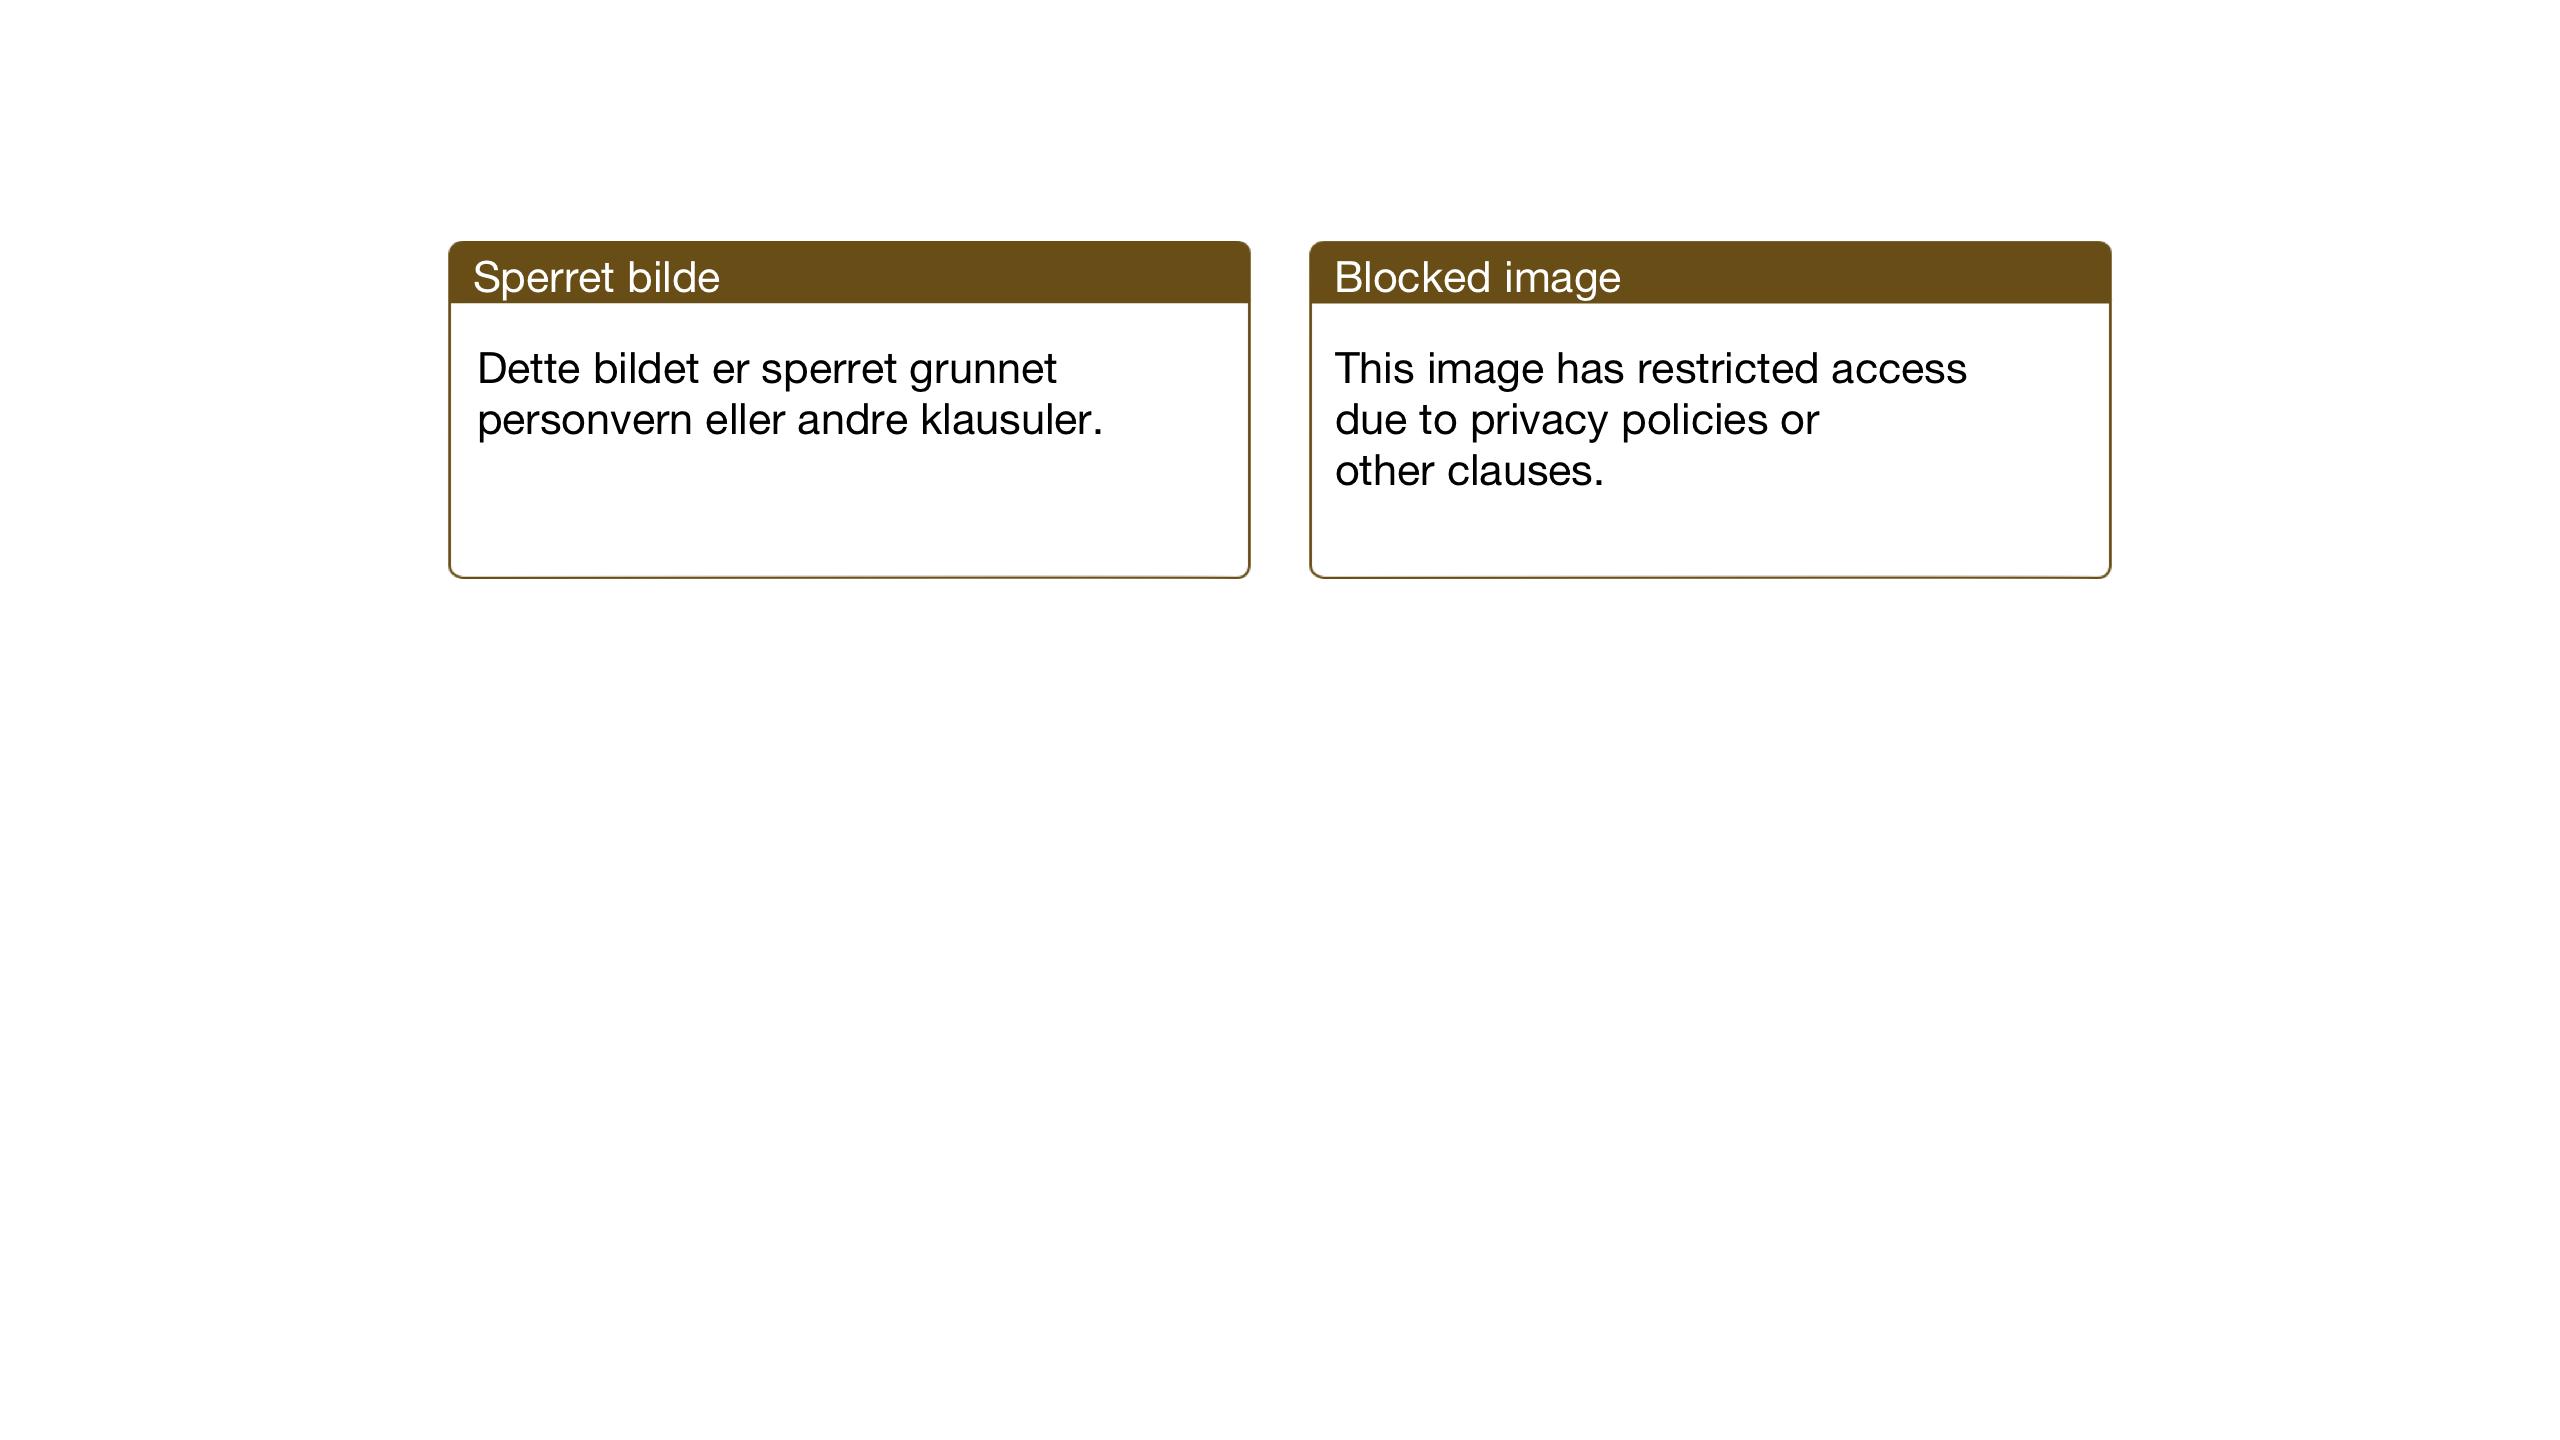 SAT, Ministerialprotokoller, klokkerbøker og fødselsregistre - Sør-Trøndelag, 635/L0556: Klokkerbok nr. 635C04, 1943-1945, s. 6